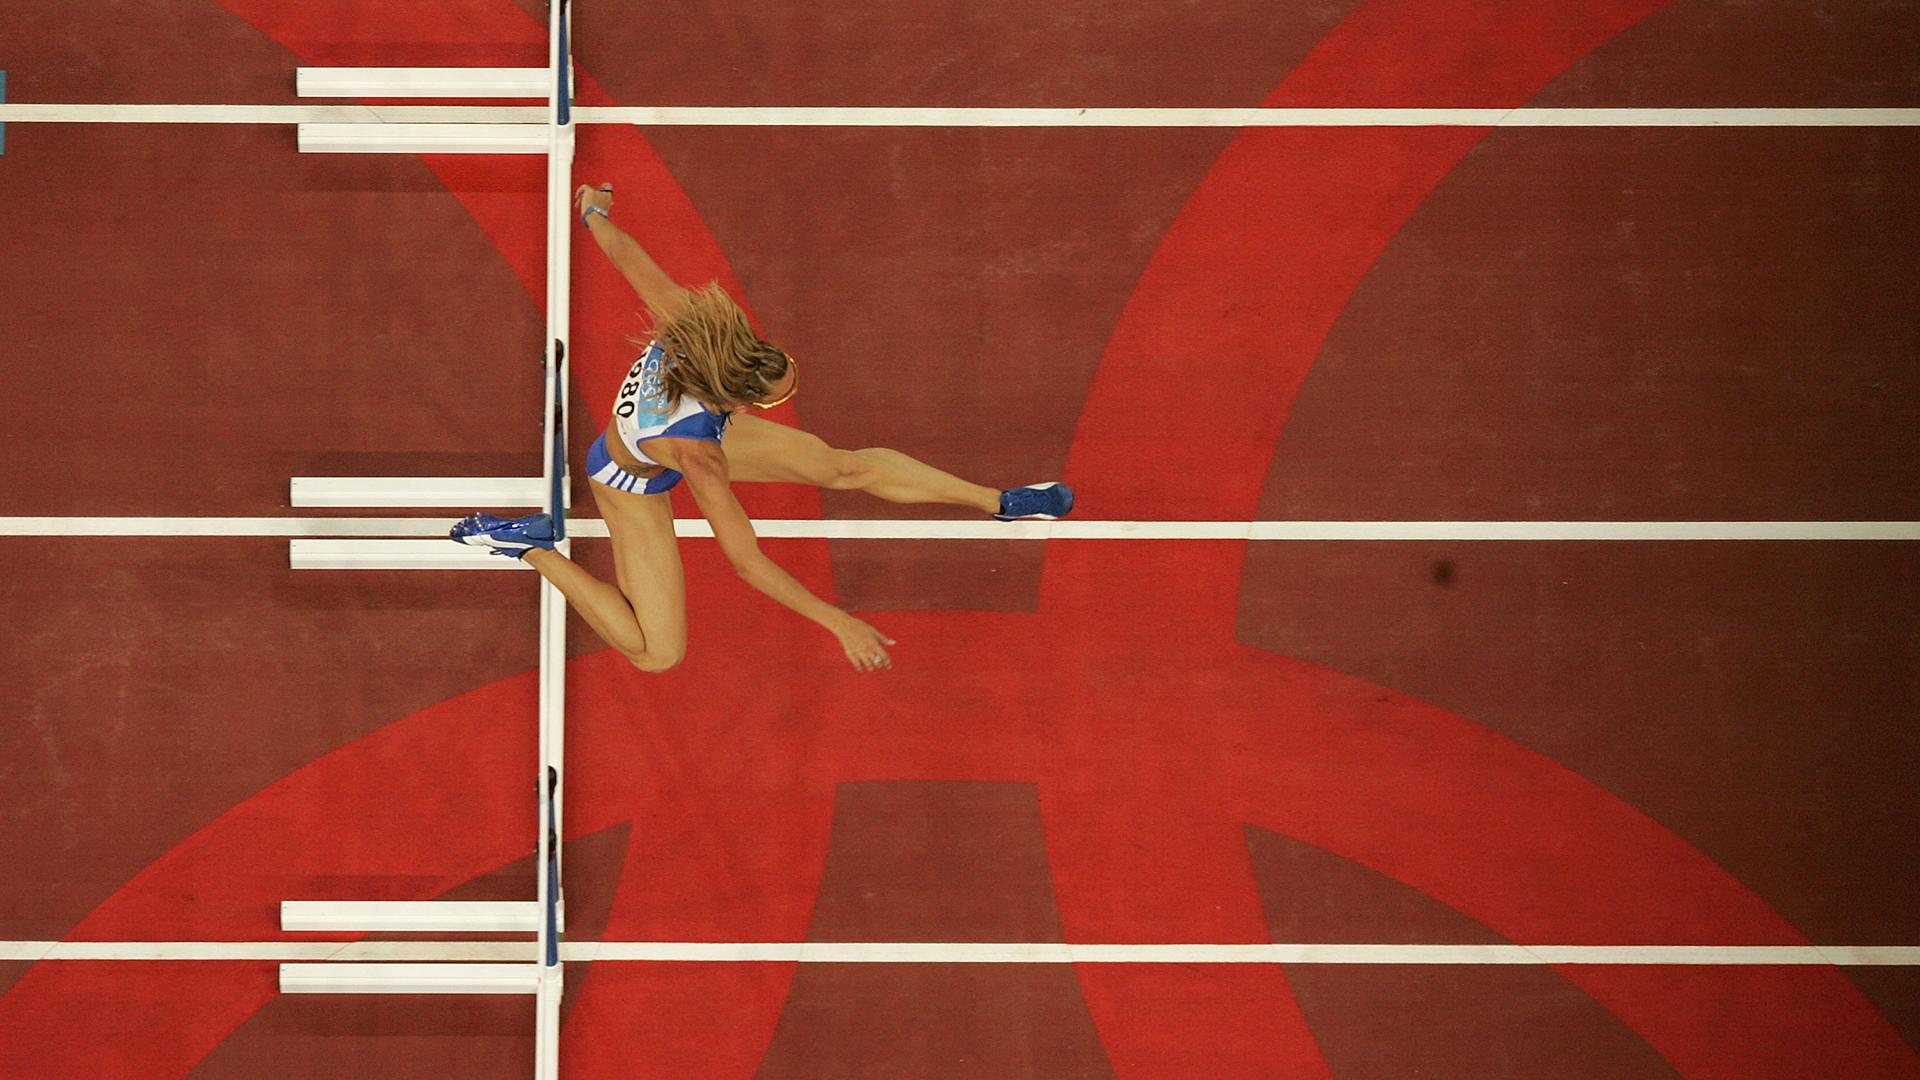 Les sports olympiques au programme